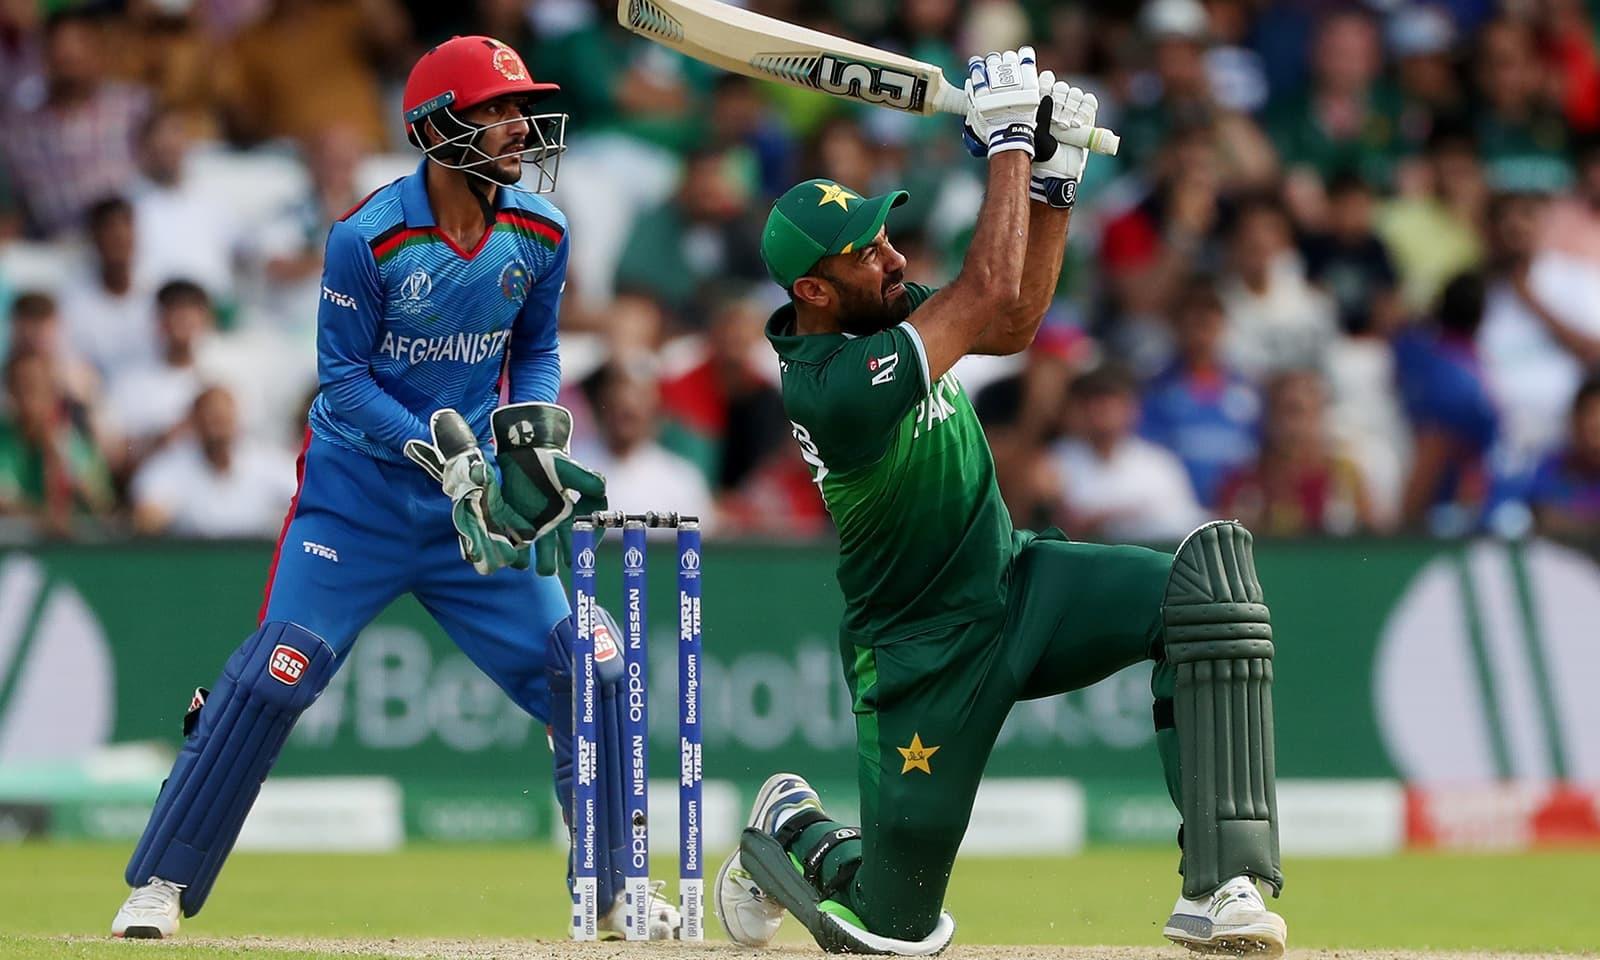 وہاب ریاض کی جارح مزاج اننگز مشکل وقت میں پاکستان کے لیے فائدہ مند ثابت ہوئی — فوٹو: رائٹرز